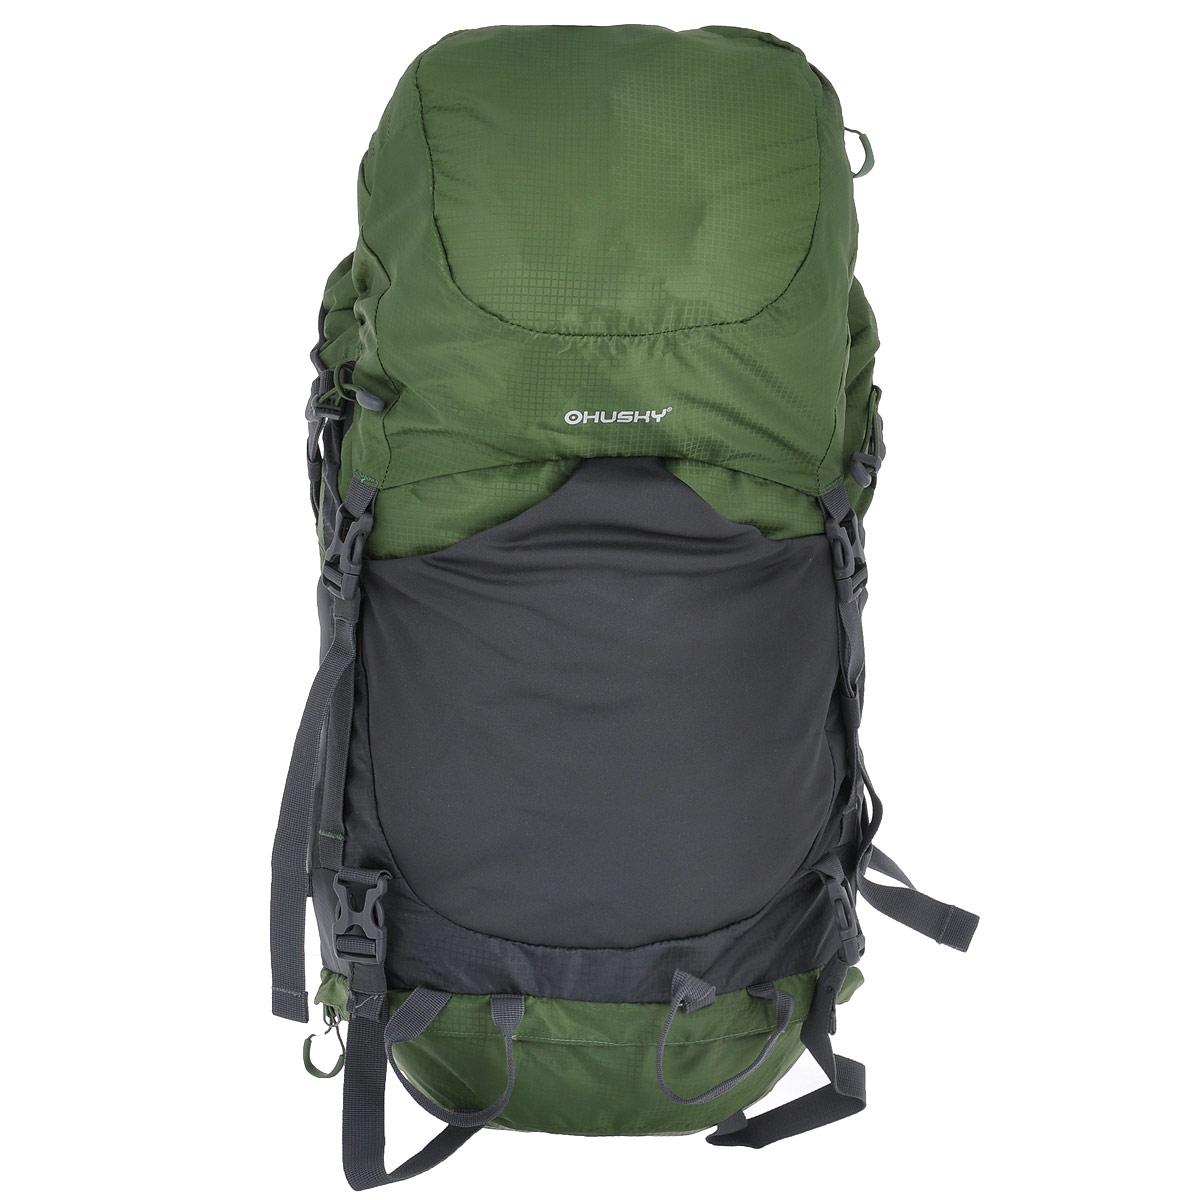 Рюкзак туристический Husky Menic, цвет: черный, серый, зеленый, 50 лУТ-000066091Рюкзак Husky Menic - незаменимый атрибут туриста! Он выполнен из водонепроницаемого нейлона и оснащен светоотражательными элементами. С этим вместительным рюкзаком можно отправиться в любое путешествие. Его удобно носить за плечами благодаря широким лямкам, грудному ремню, ремню на поясе и жесткой спинке с дюралюминиевыми вставками и системой вентиляции спины ETS. Основное отделение имеет объем 50 л. Доступ к нему открывается сверху (закрывается затягивающимся шнурком, пластиковым карабином и капюшоном), снизу (замок на застежке- молнии и карабин) и сбоку (застежка-молния). Внутри главного отделения находится глубокий карман на застежке-молнии для гидратора. Сверху у рюкзака находится 1 карман на застежке-молнии (на капюшоне) с 2 сетчатыми карманами внутри. Капюшон соединяется с нижней частью рюкзака при помощи 2 пластиковых карабинов. На лицевой стороне расположен эластичный карман на резинке. По бокам рюкзака расположены 2 кармана на...